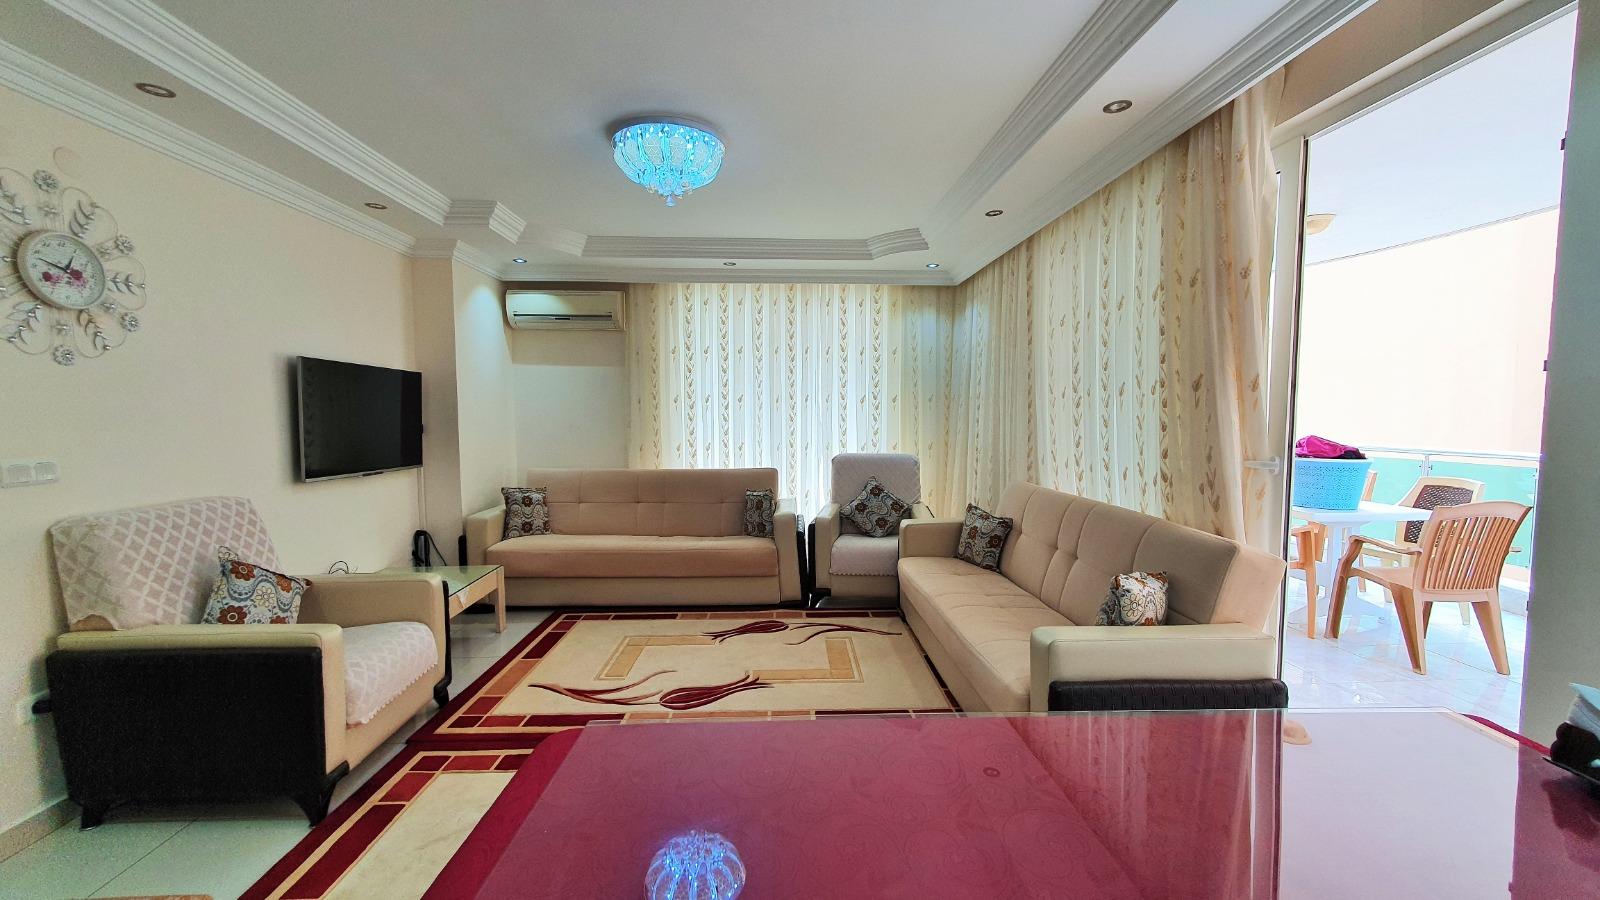 Квартира 2+1 в районе Махмутлар - Фото 23